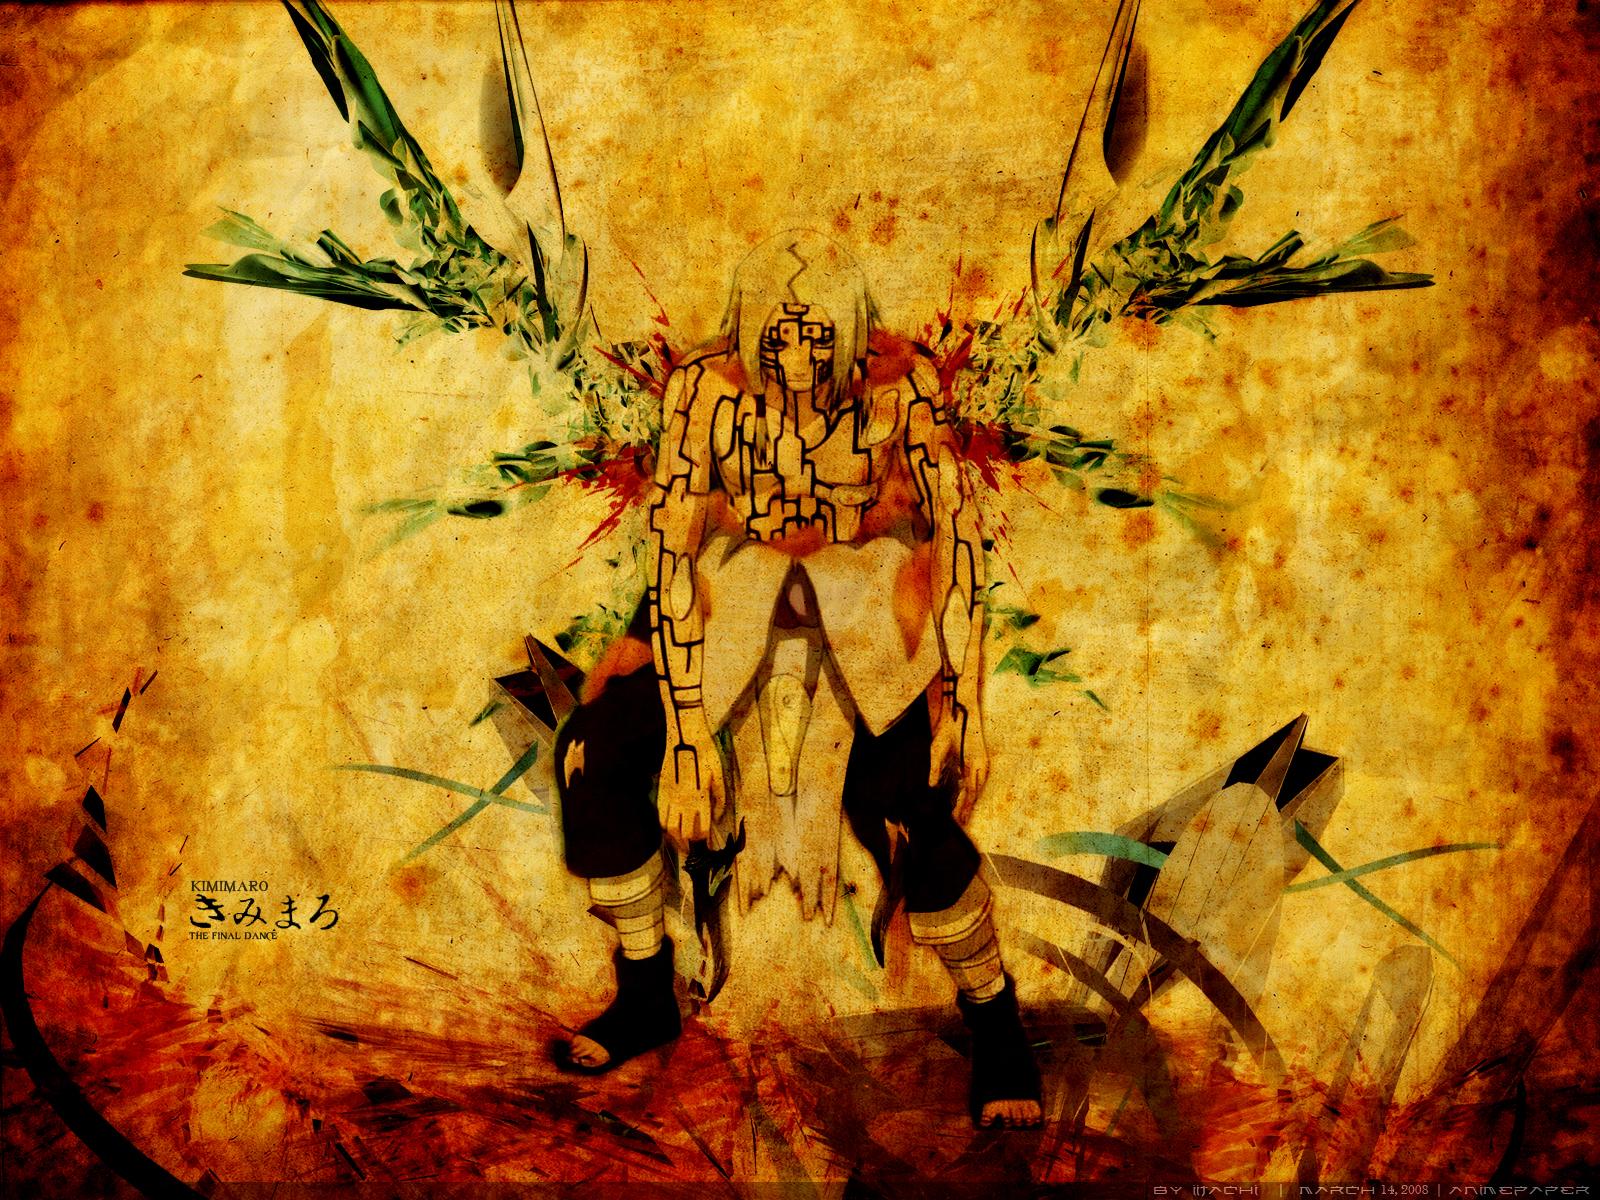 http://2.bp.blogspot.com/-bNgHdc9aUBY/T8S_0db5pwI/AAAAAAAAQfo/oteEswmCntU/s1600/Naruto+3dfoto3d.blogspot.com+(14).jpg